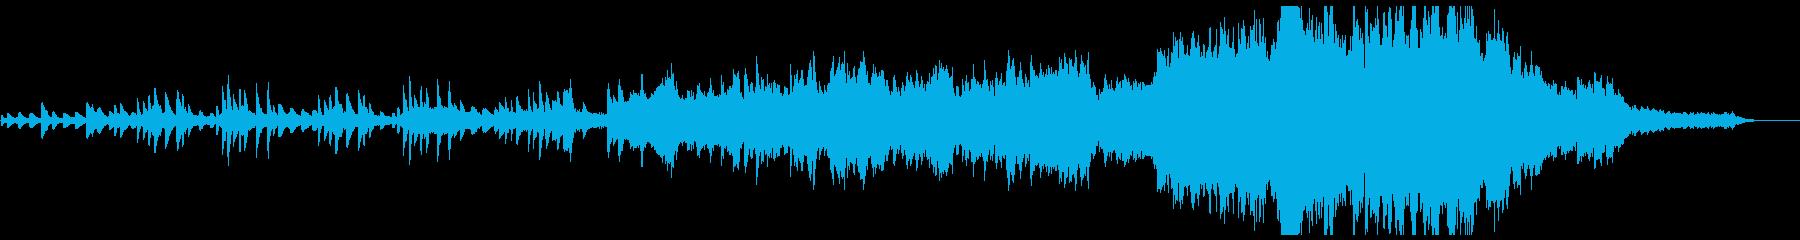 目覚め、芽吹き〜感動のオープニングの再生済みの波形